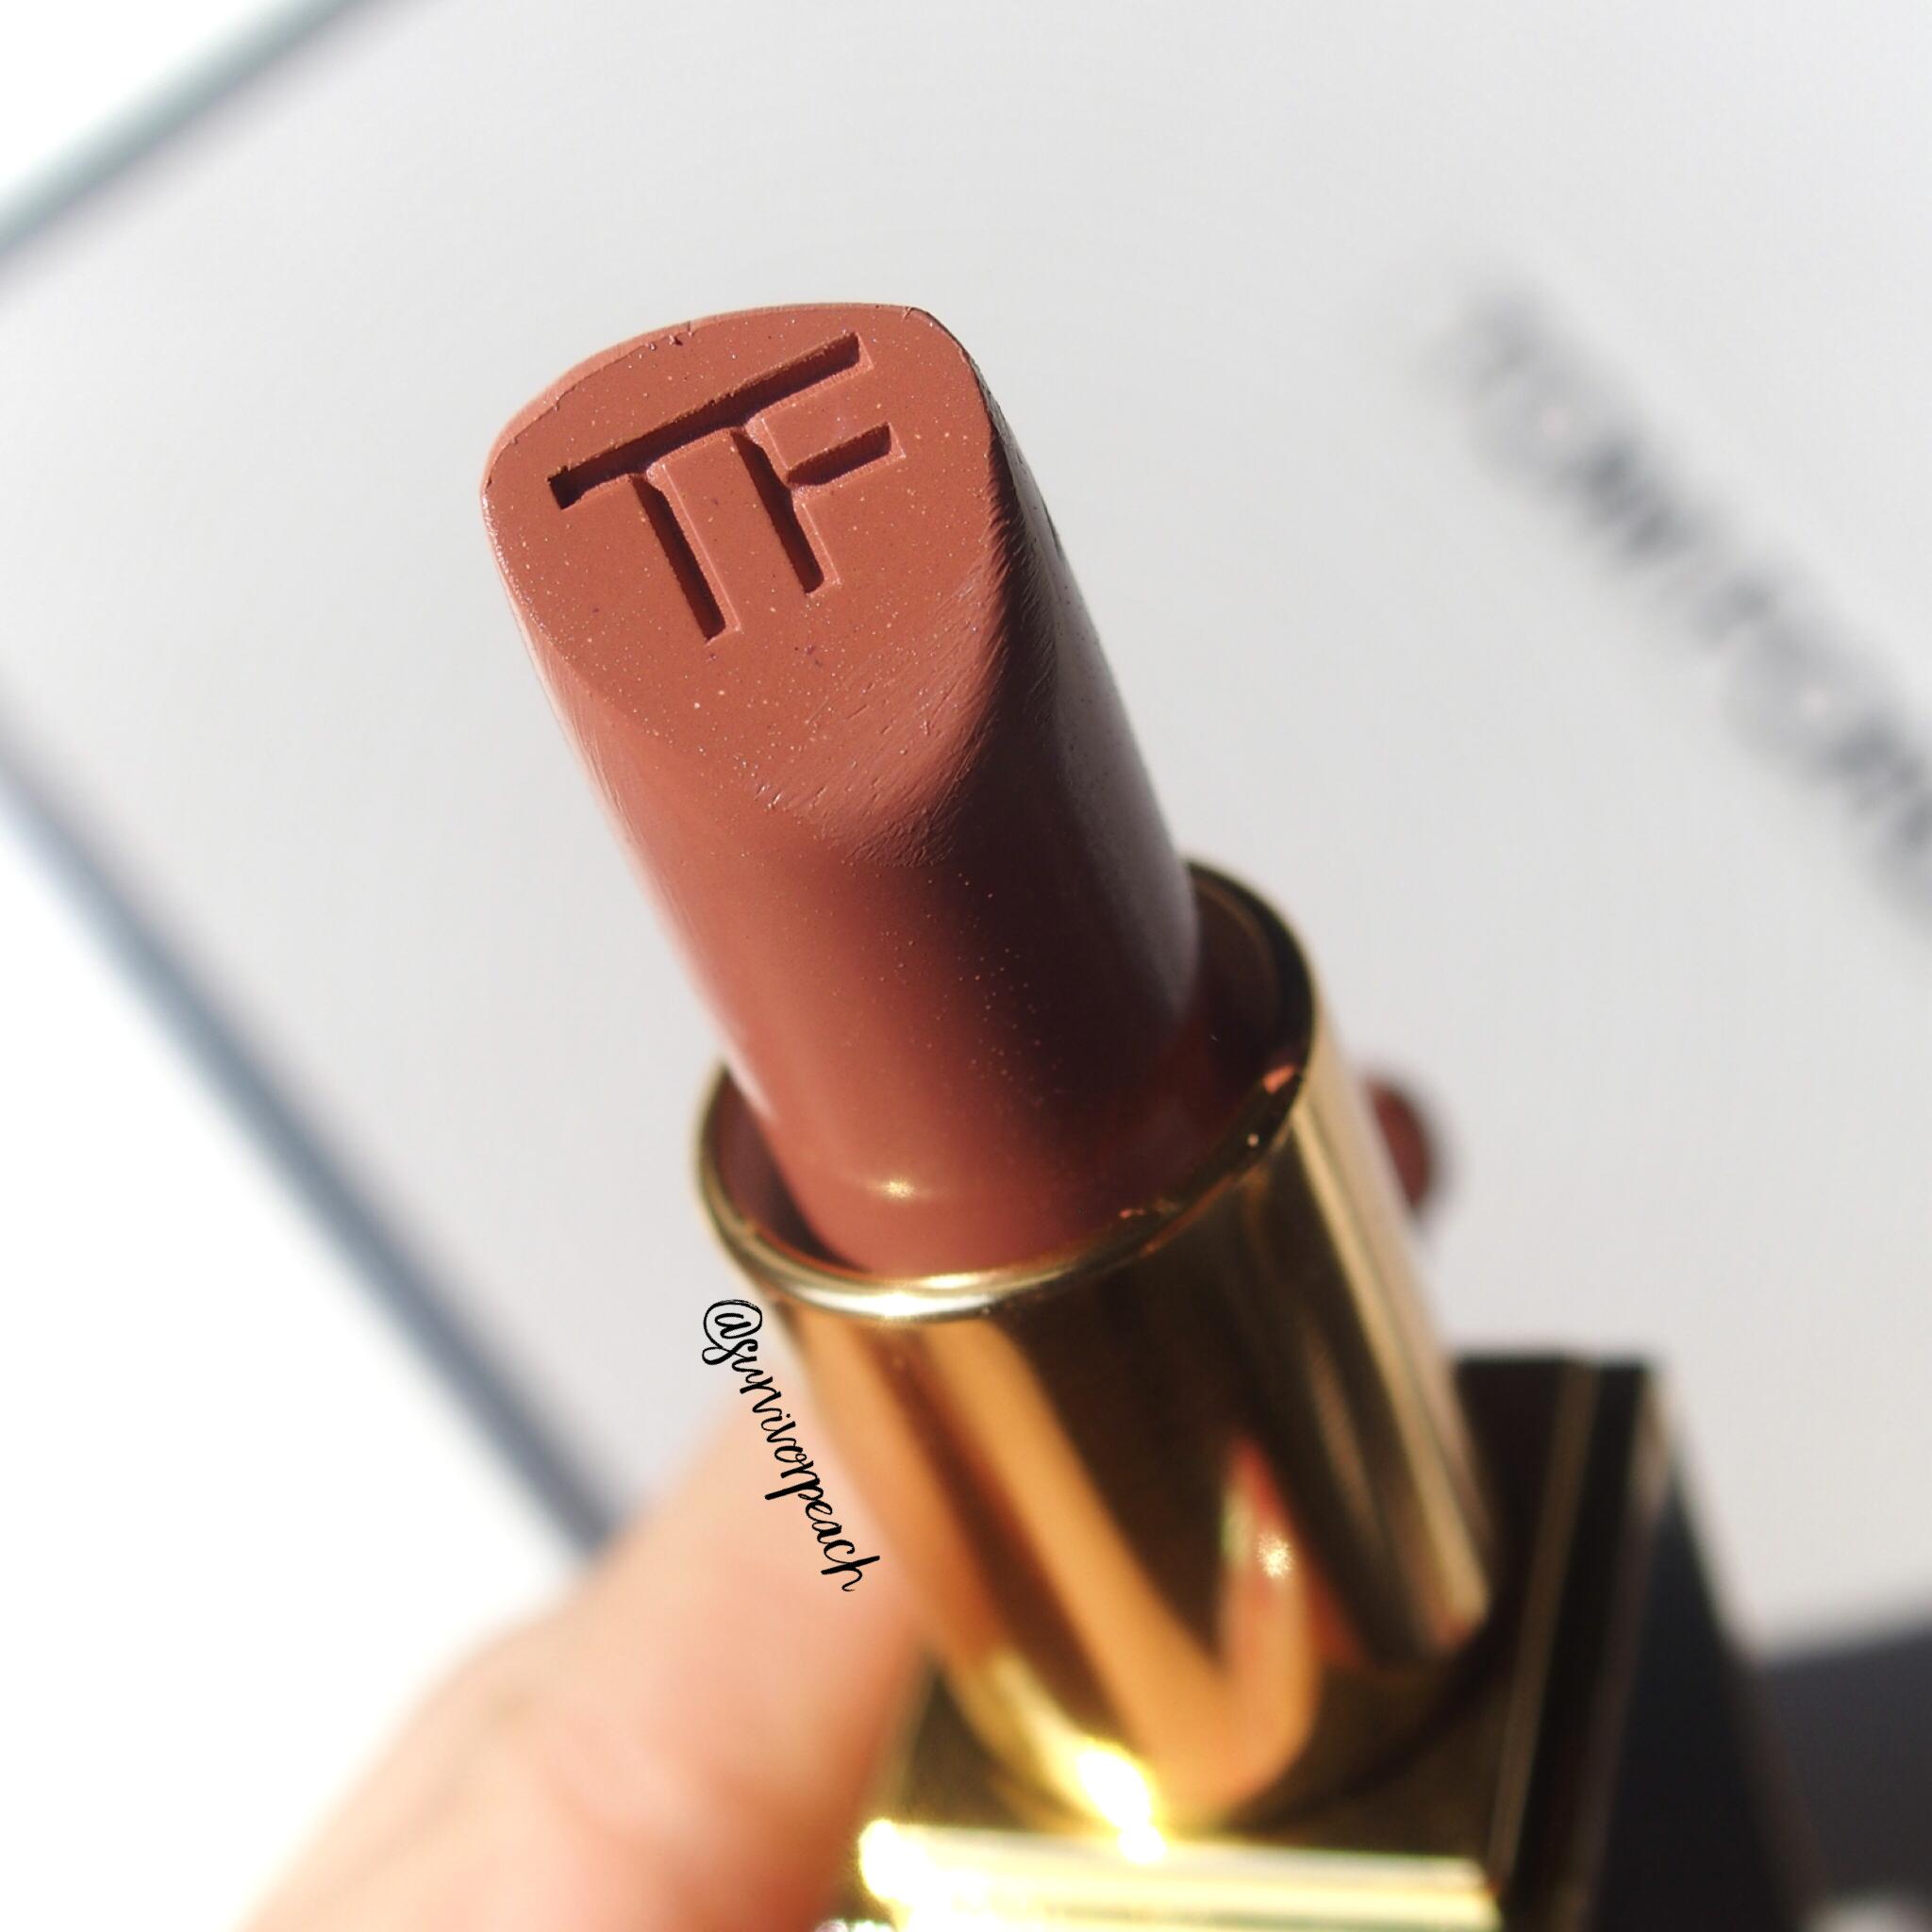 Tom Ford Lipsticks in Autoerotique